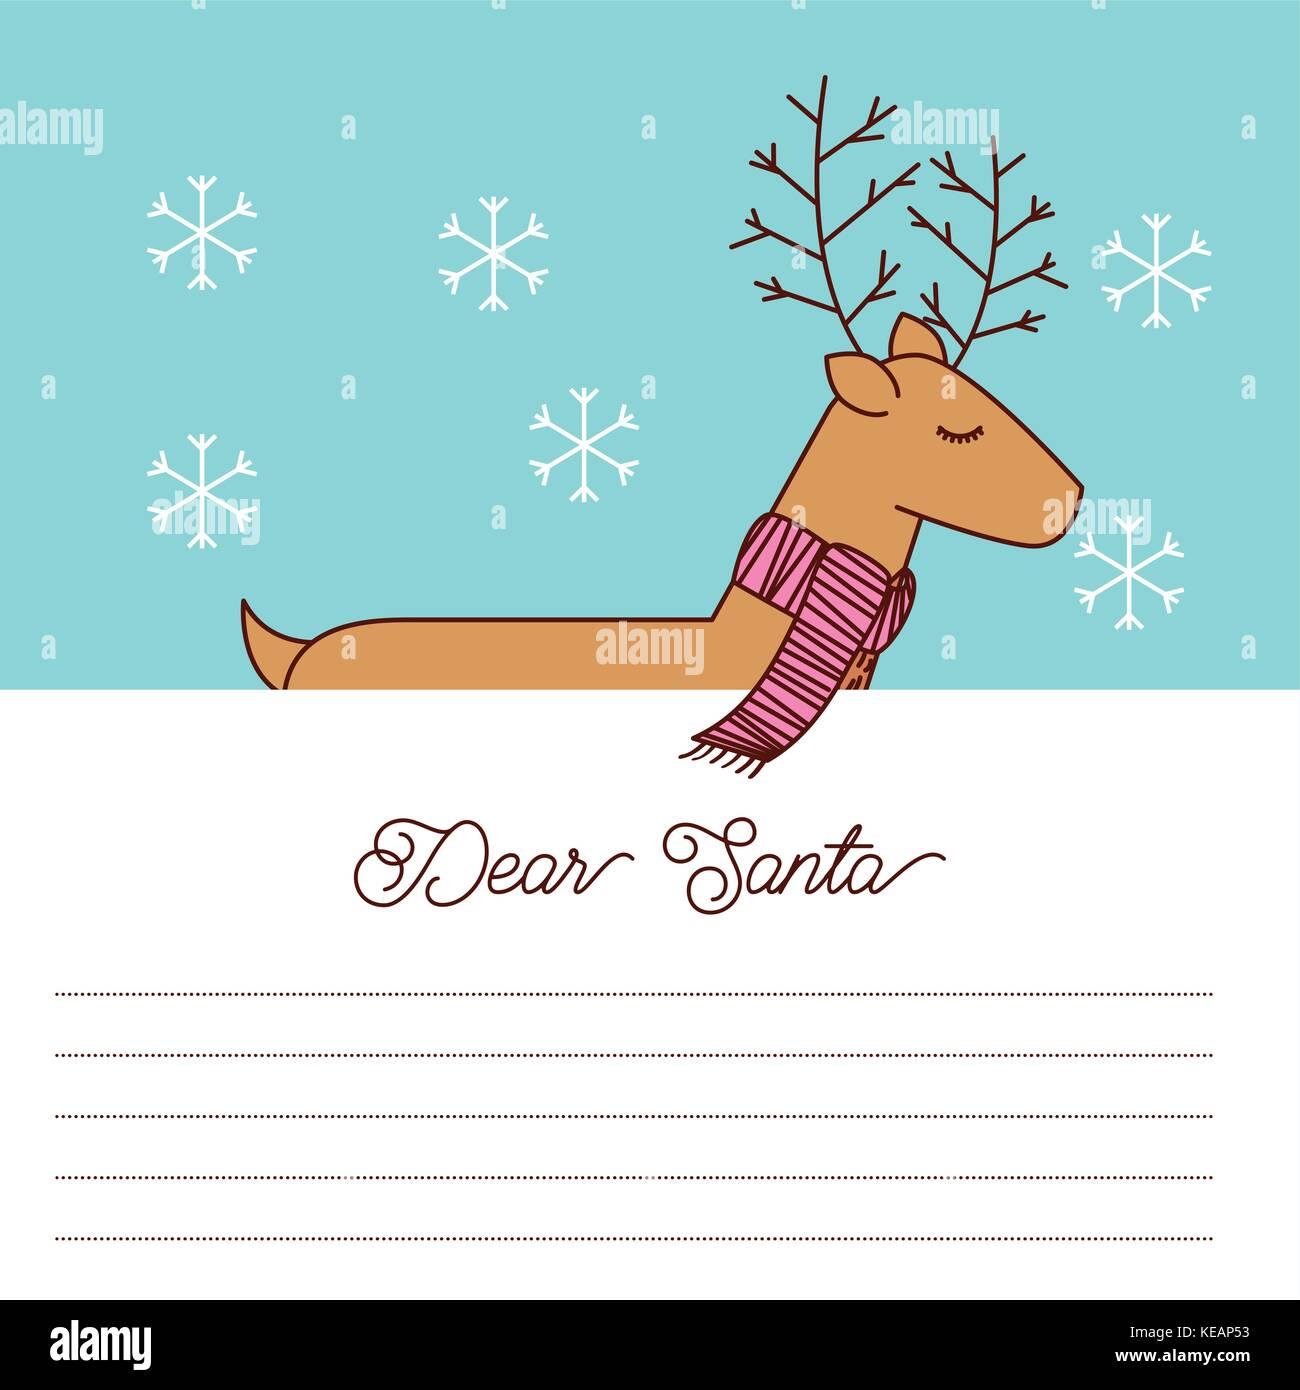 Dear santa letter santa letter template lovely beautiful letter dear santa letter stock photos dear santa letter stock images alamy spiritdancerdesigns Gallery